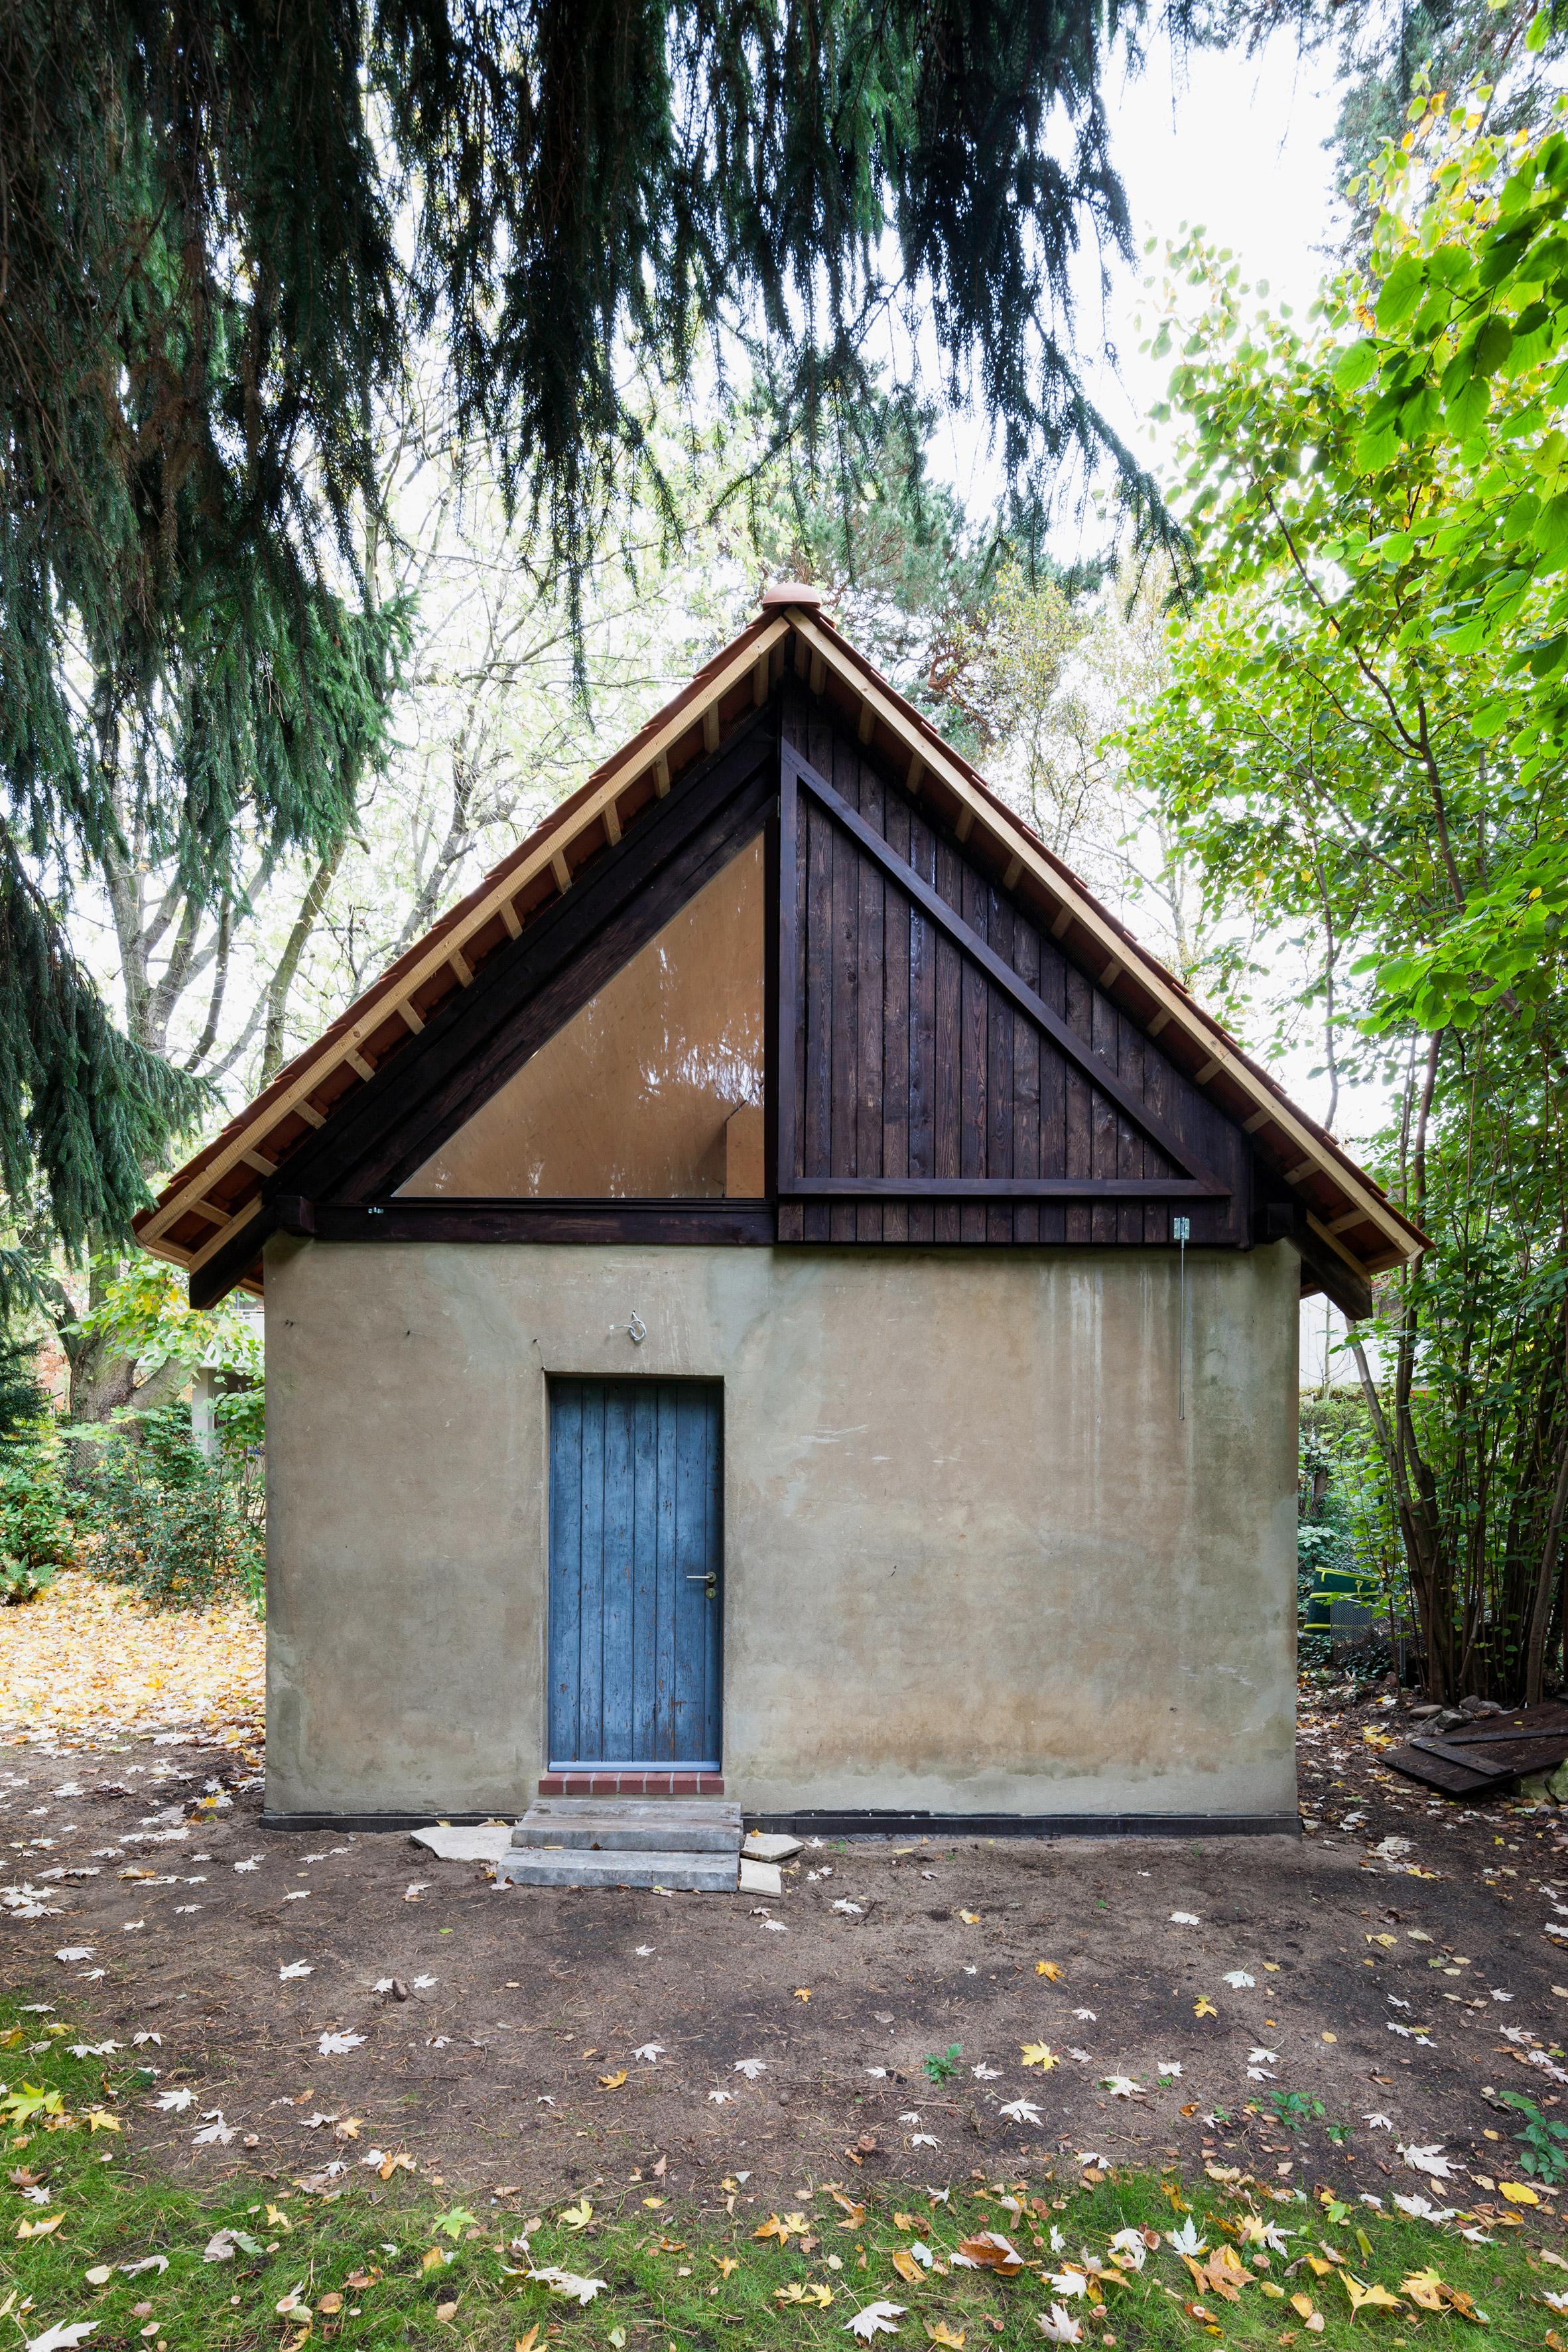 Büros für Konstruktivismus turns a chicken coop in Berlin into an artist's studio